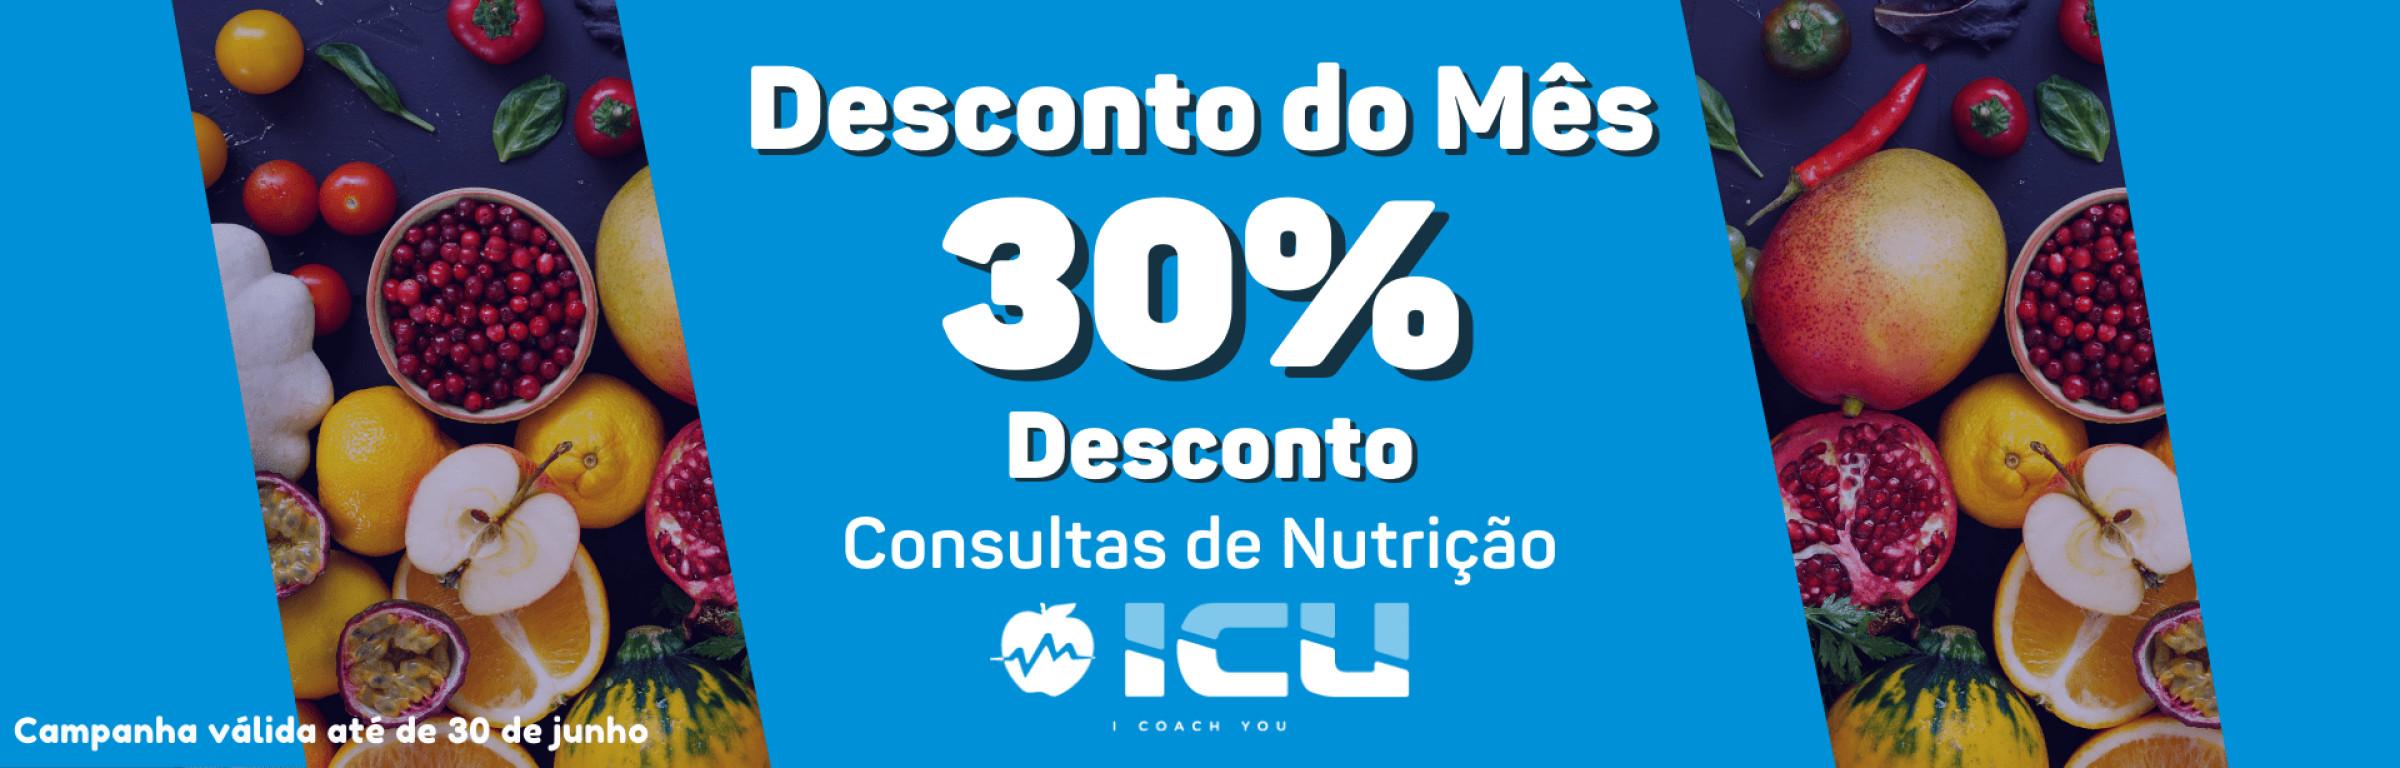 Desconto do Mês - Consultas de nutrição com 30% desconto